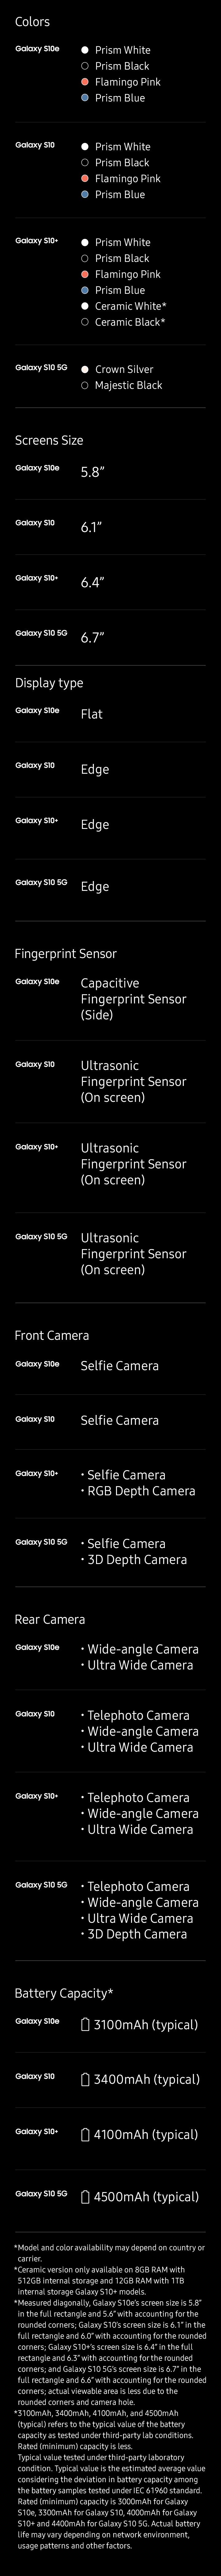 comparison mobile screen